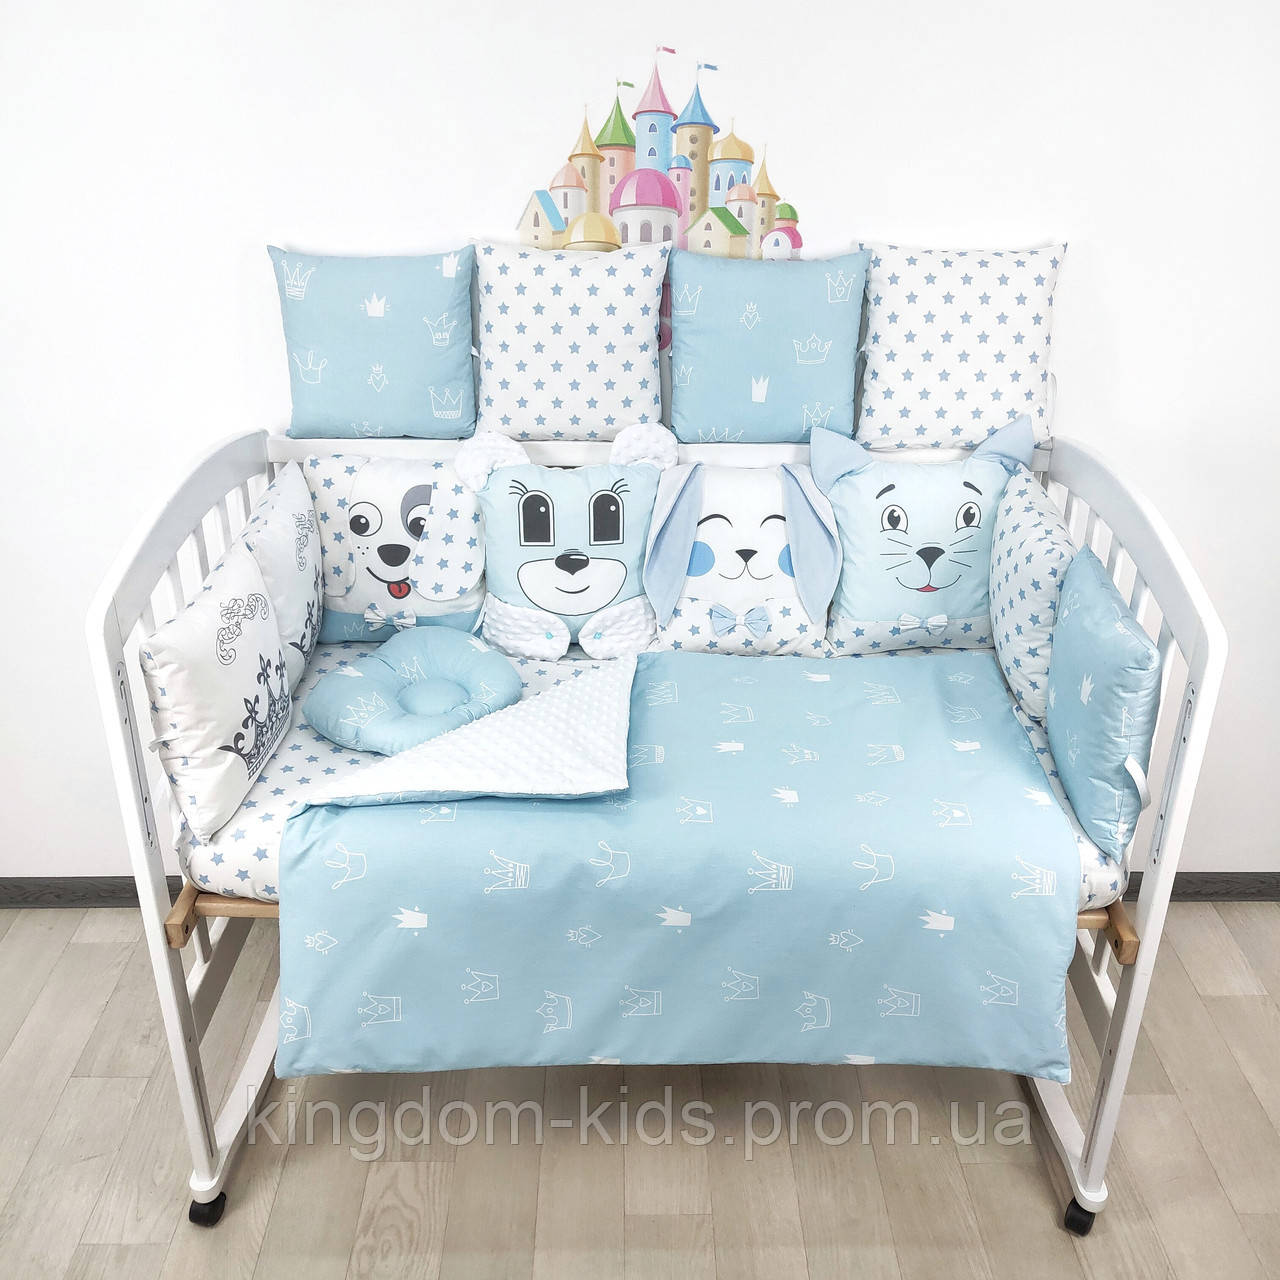 Комплект бортиков и постельного в кроватку с игрушками и коронами в нежно-голубых тонах